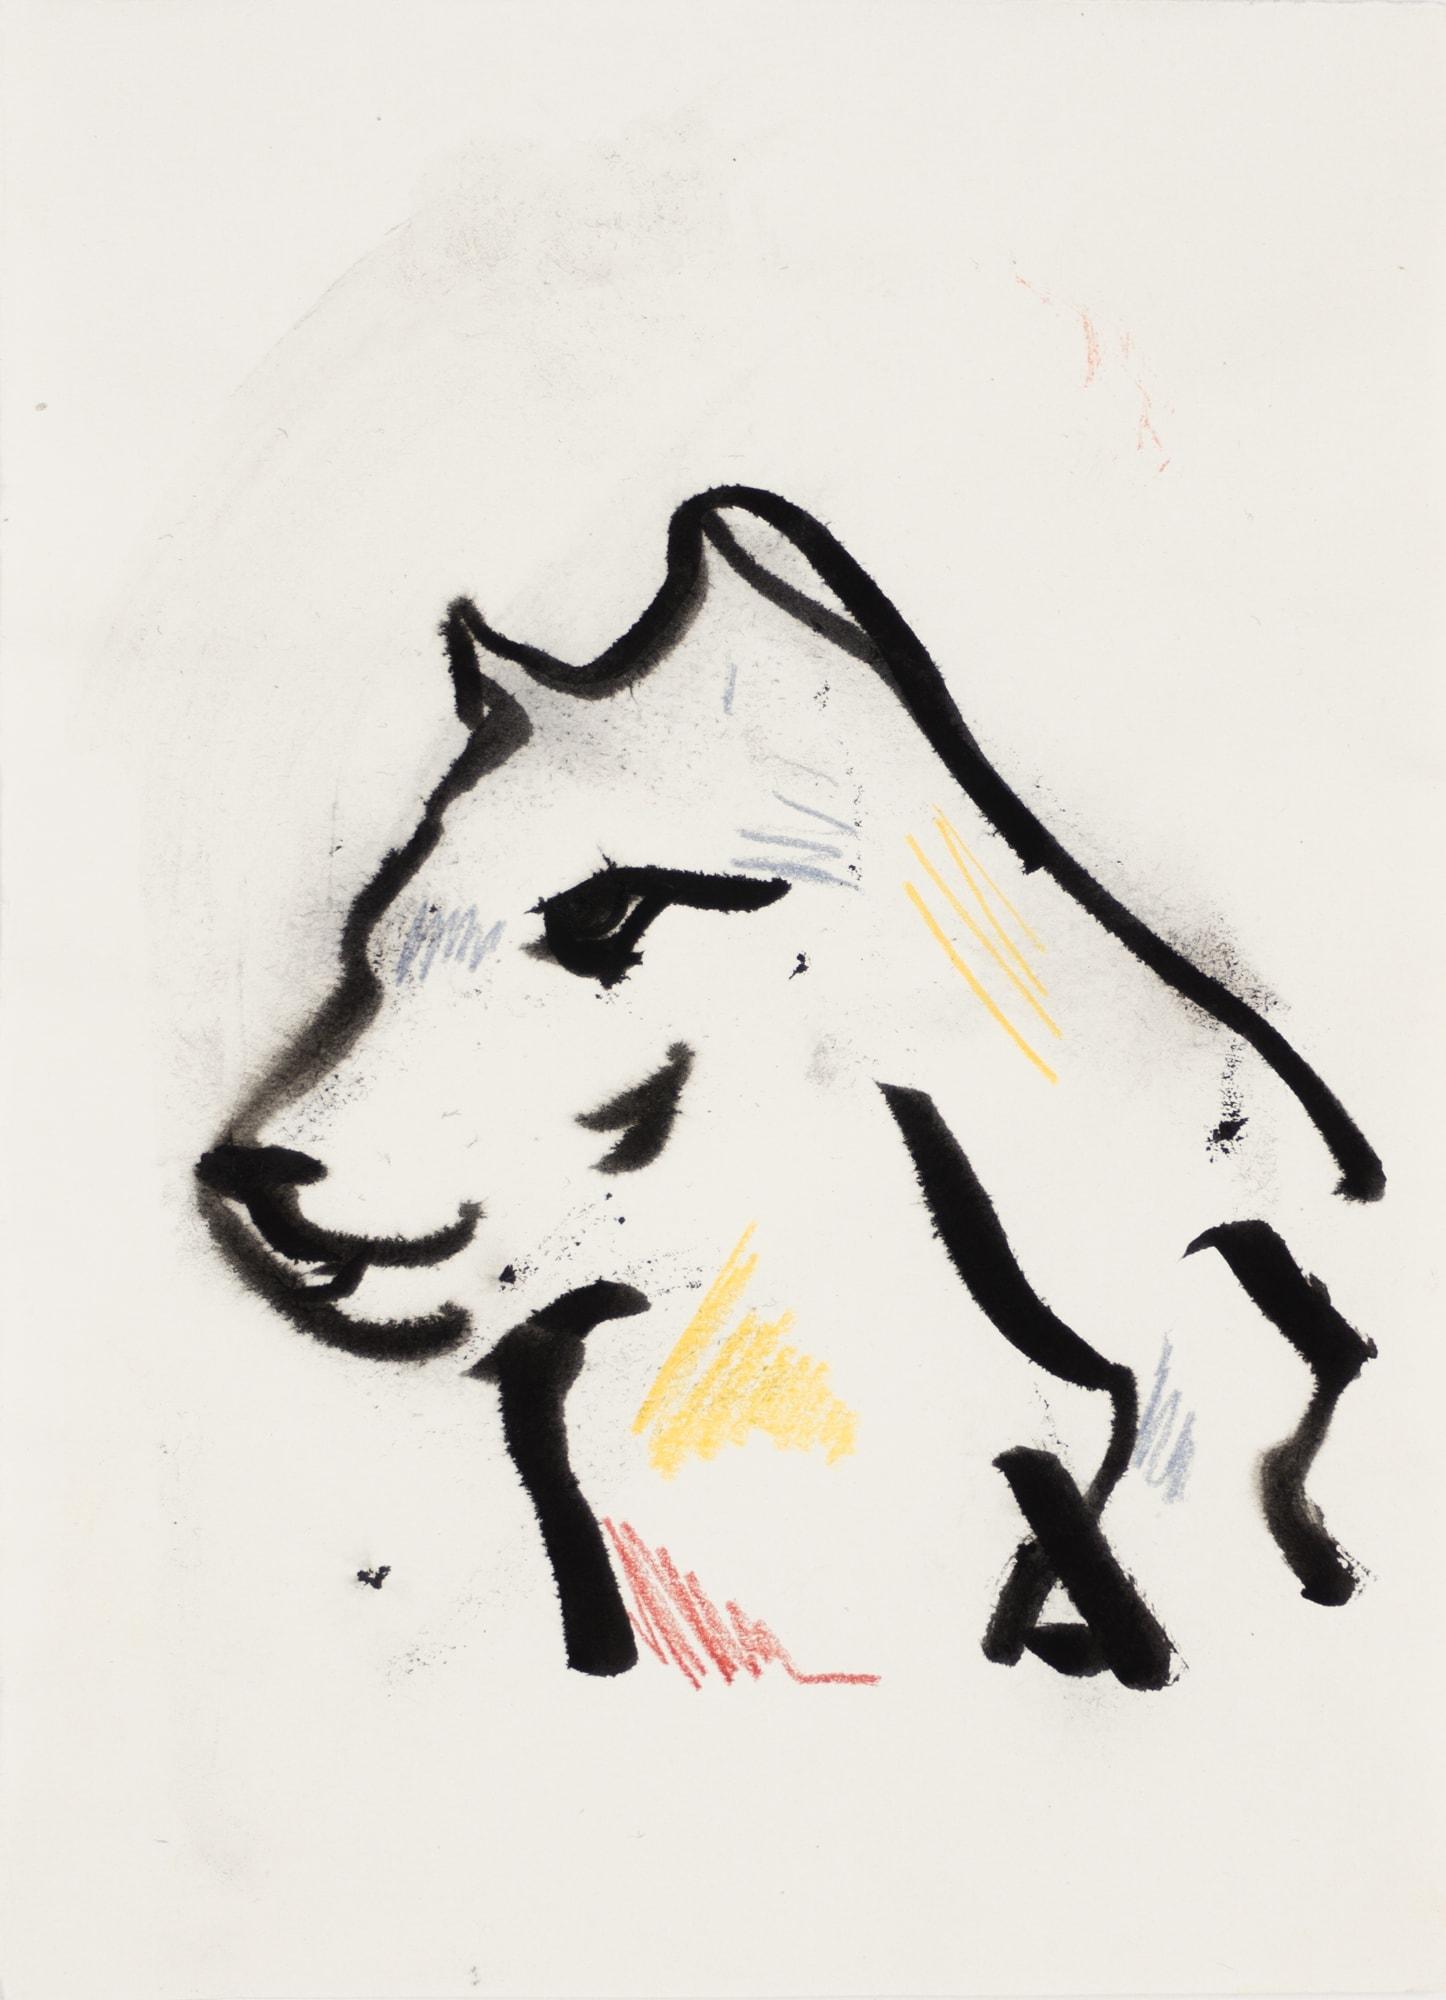 Zeichnung, Farbstift und Tusche auf Papier, 14,9x20,3cm, Wolf, Künstlerin: Franziska King